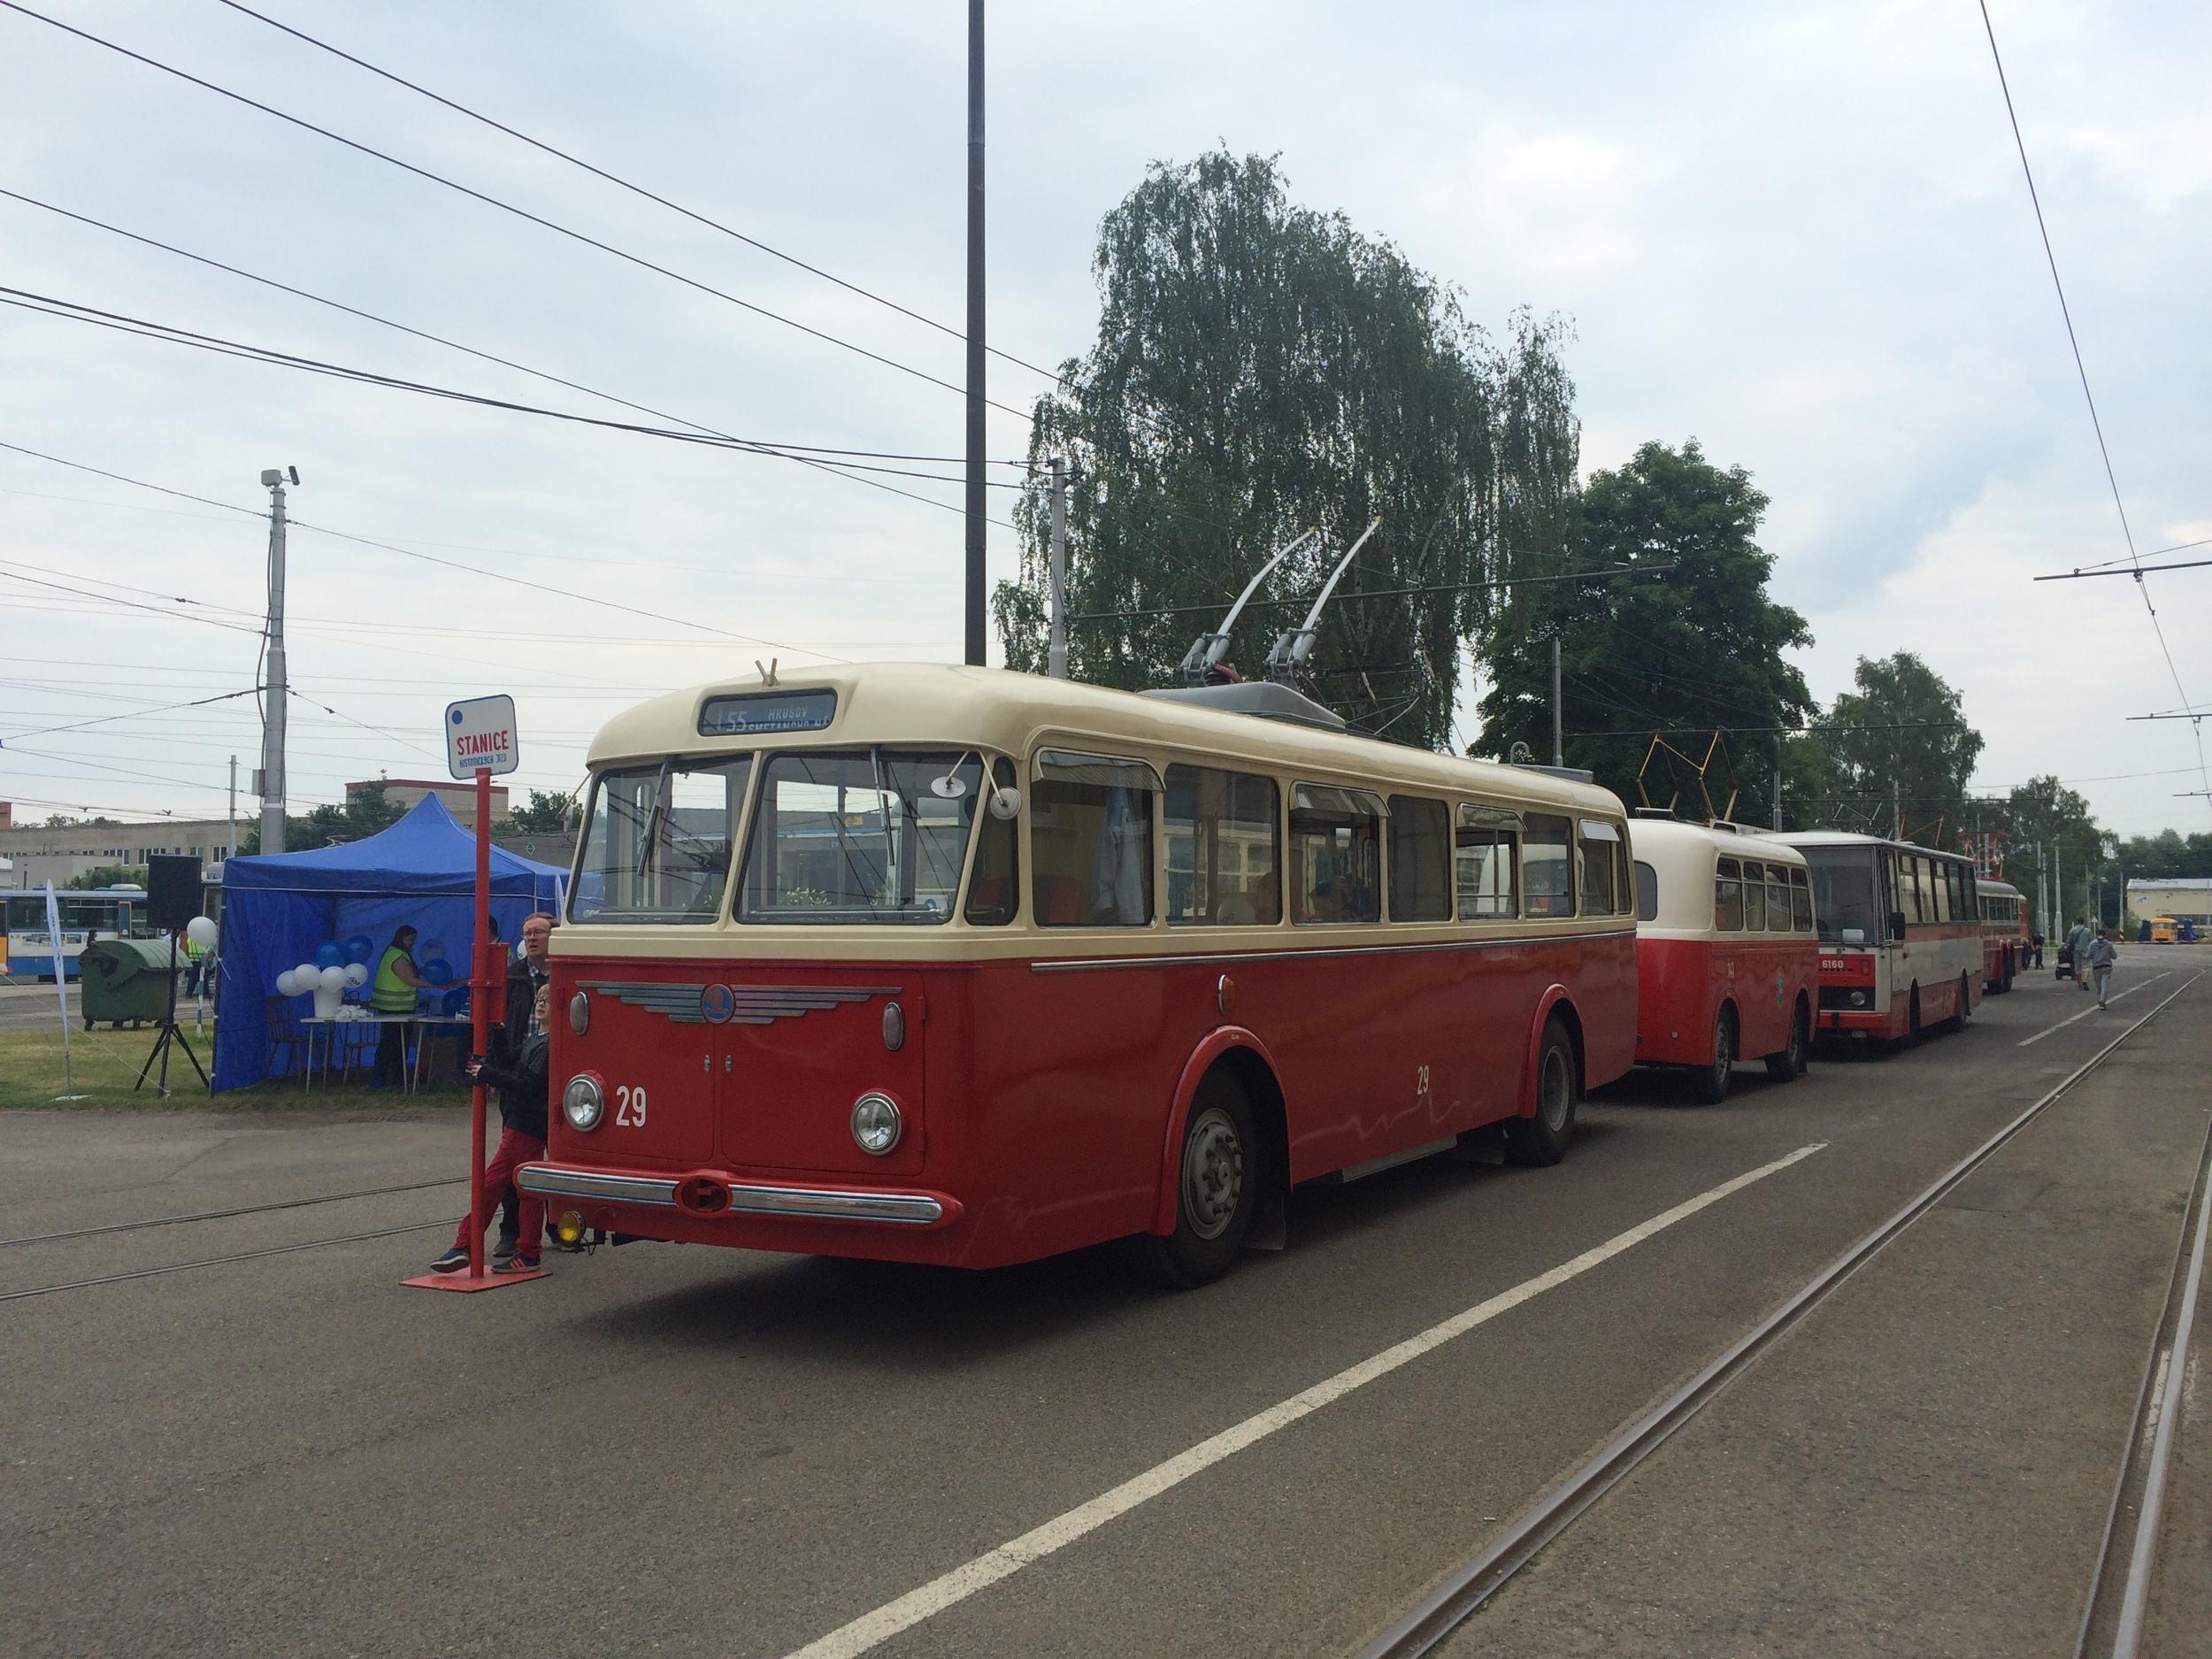 Pohled na levou bočnici trolejbusu. Povšimněte si, že trolejbus nemá ani na jedné straně městský znak. Několik trolejbusů v takovém provedení po Ostravě na počátku 60. let skutečně jezdilo. (foto: Libor Hinčica)